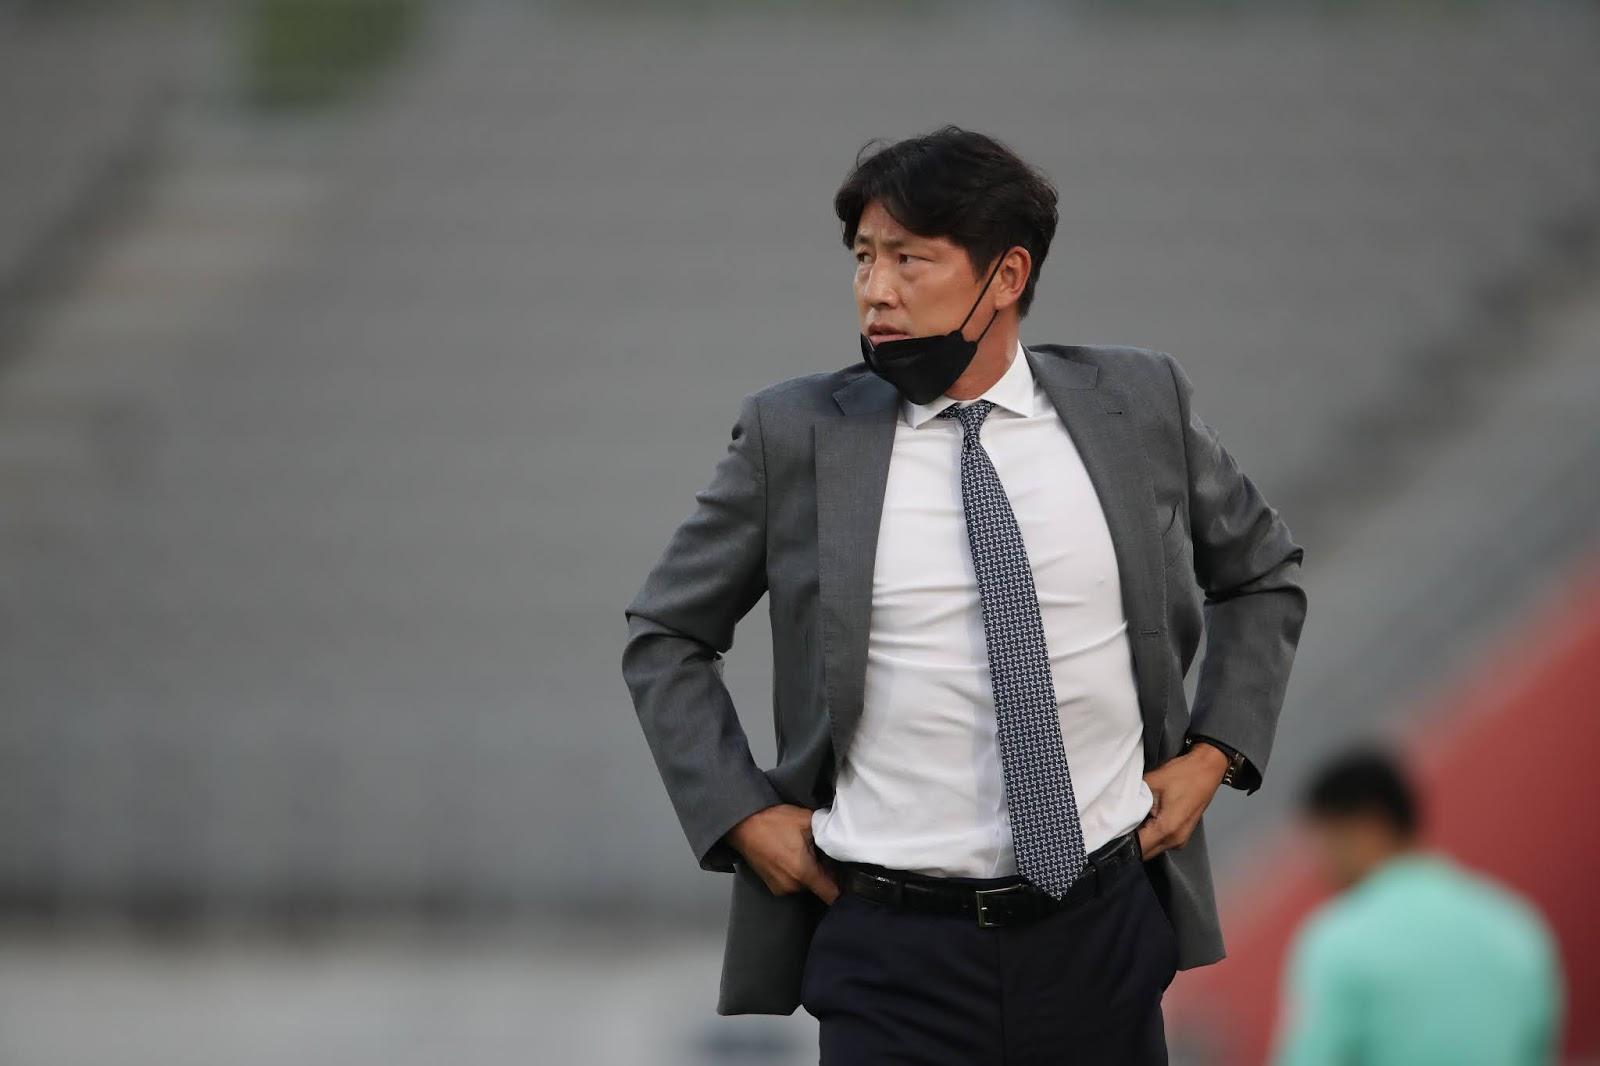 Park Dong-hyuk vs Jeju 06.20.20